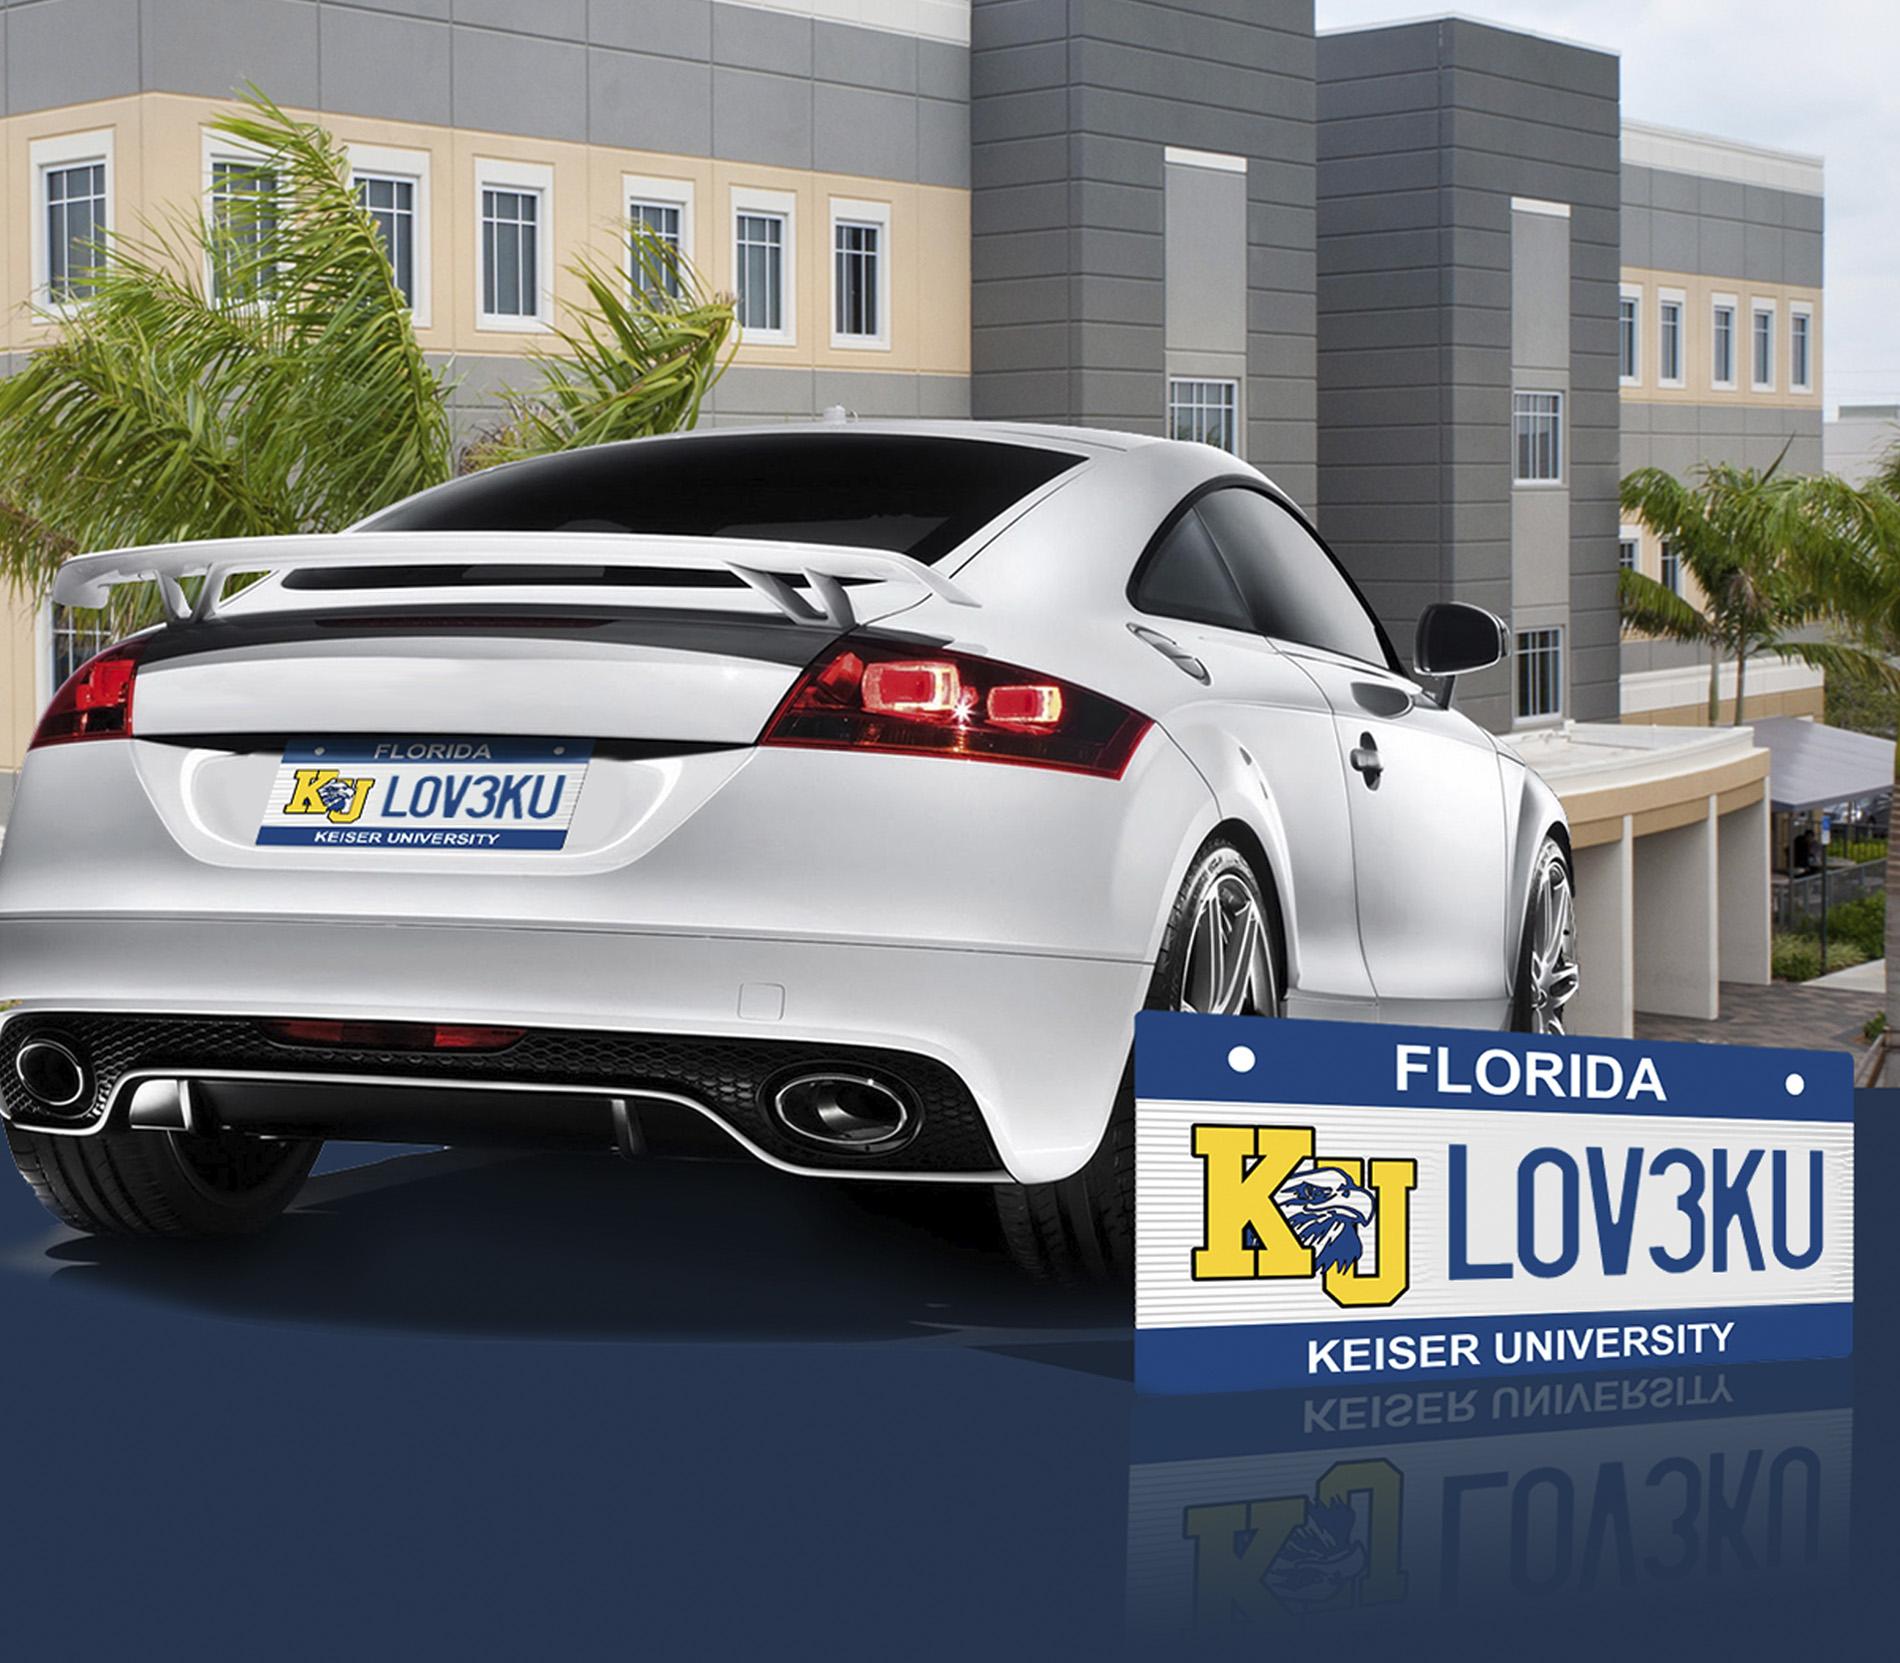 License Plate - Keiser University